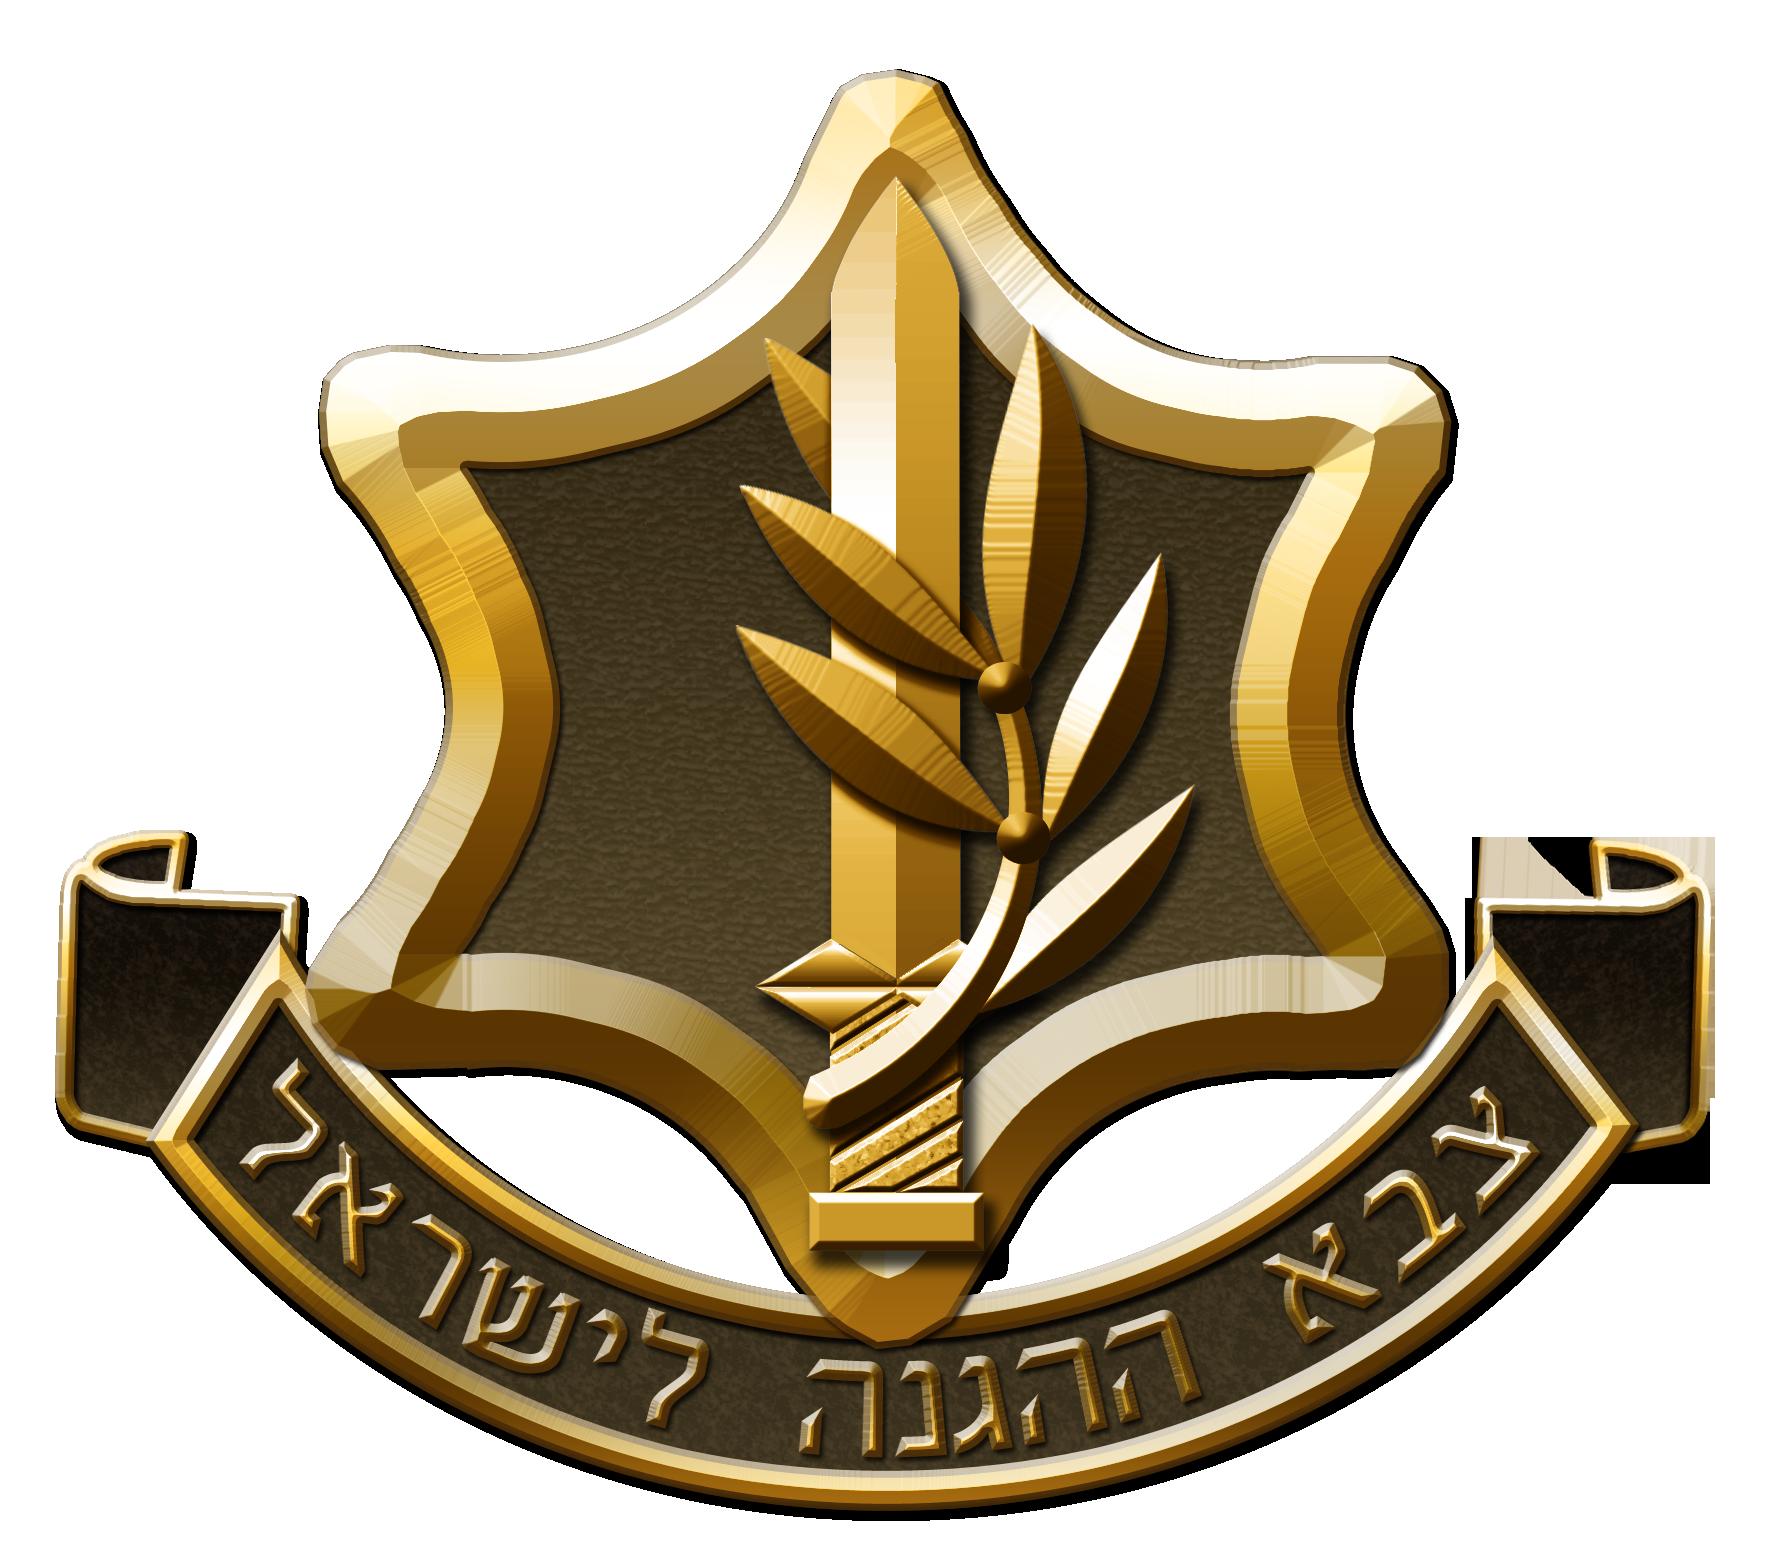 """28 ביוני -""""לב לחייל"""": ערב הוקרה למשלחת פצועי צה""""ל"""